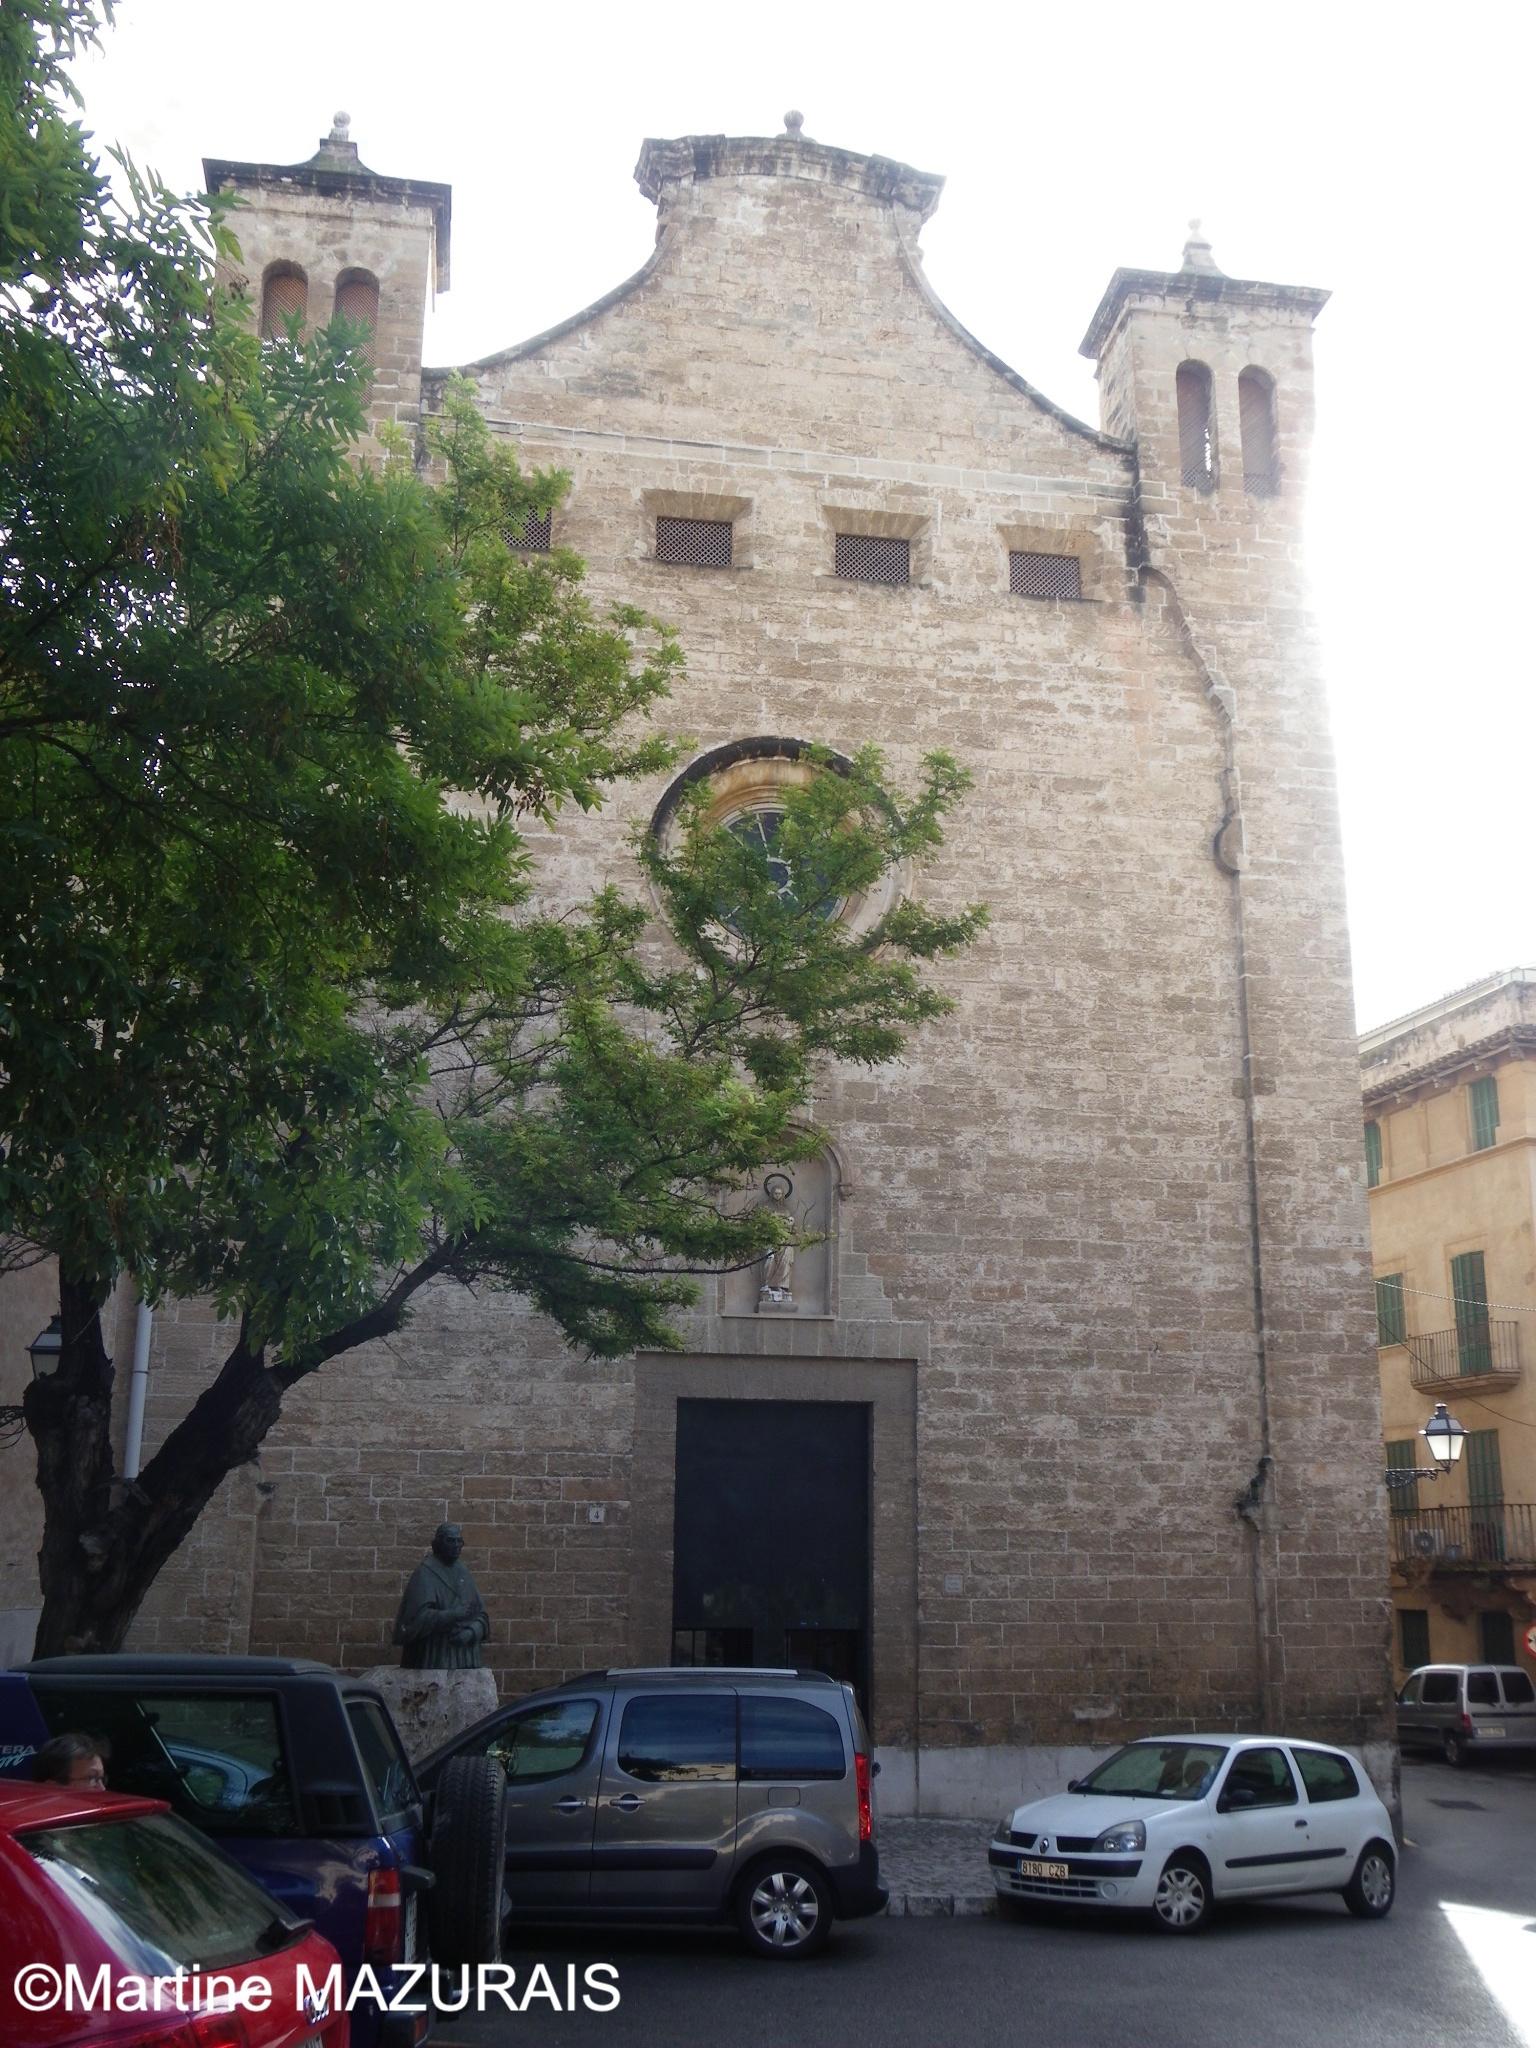 13-10-2012 - 283 - Palma - Eglise Santa Magdalena *